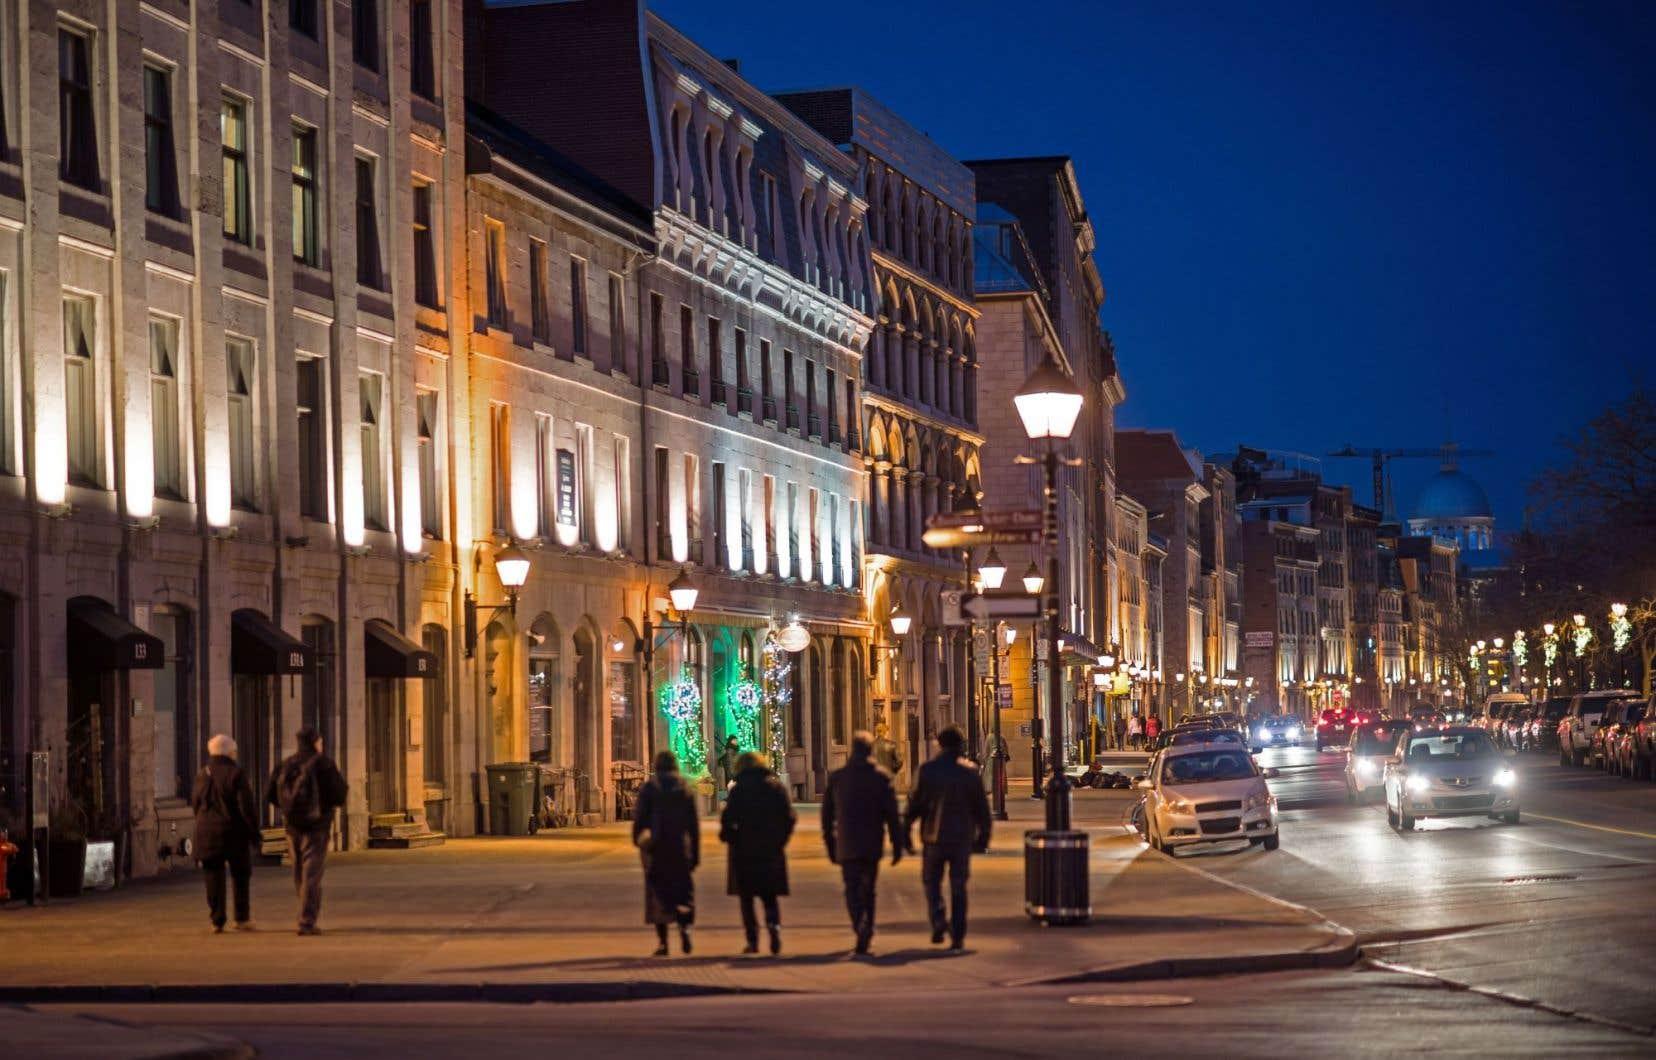 Peut-on imaginer le Vieux-Montréal baigné demain dans une ambiance de néons des années 1970 avec une teinte froide et bleuâtre?